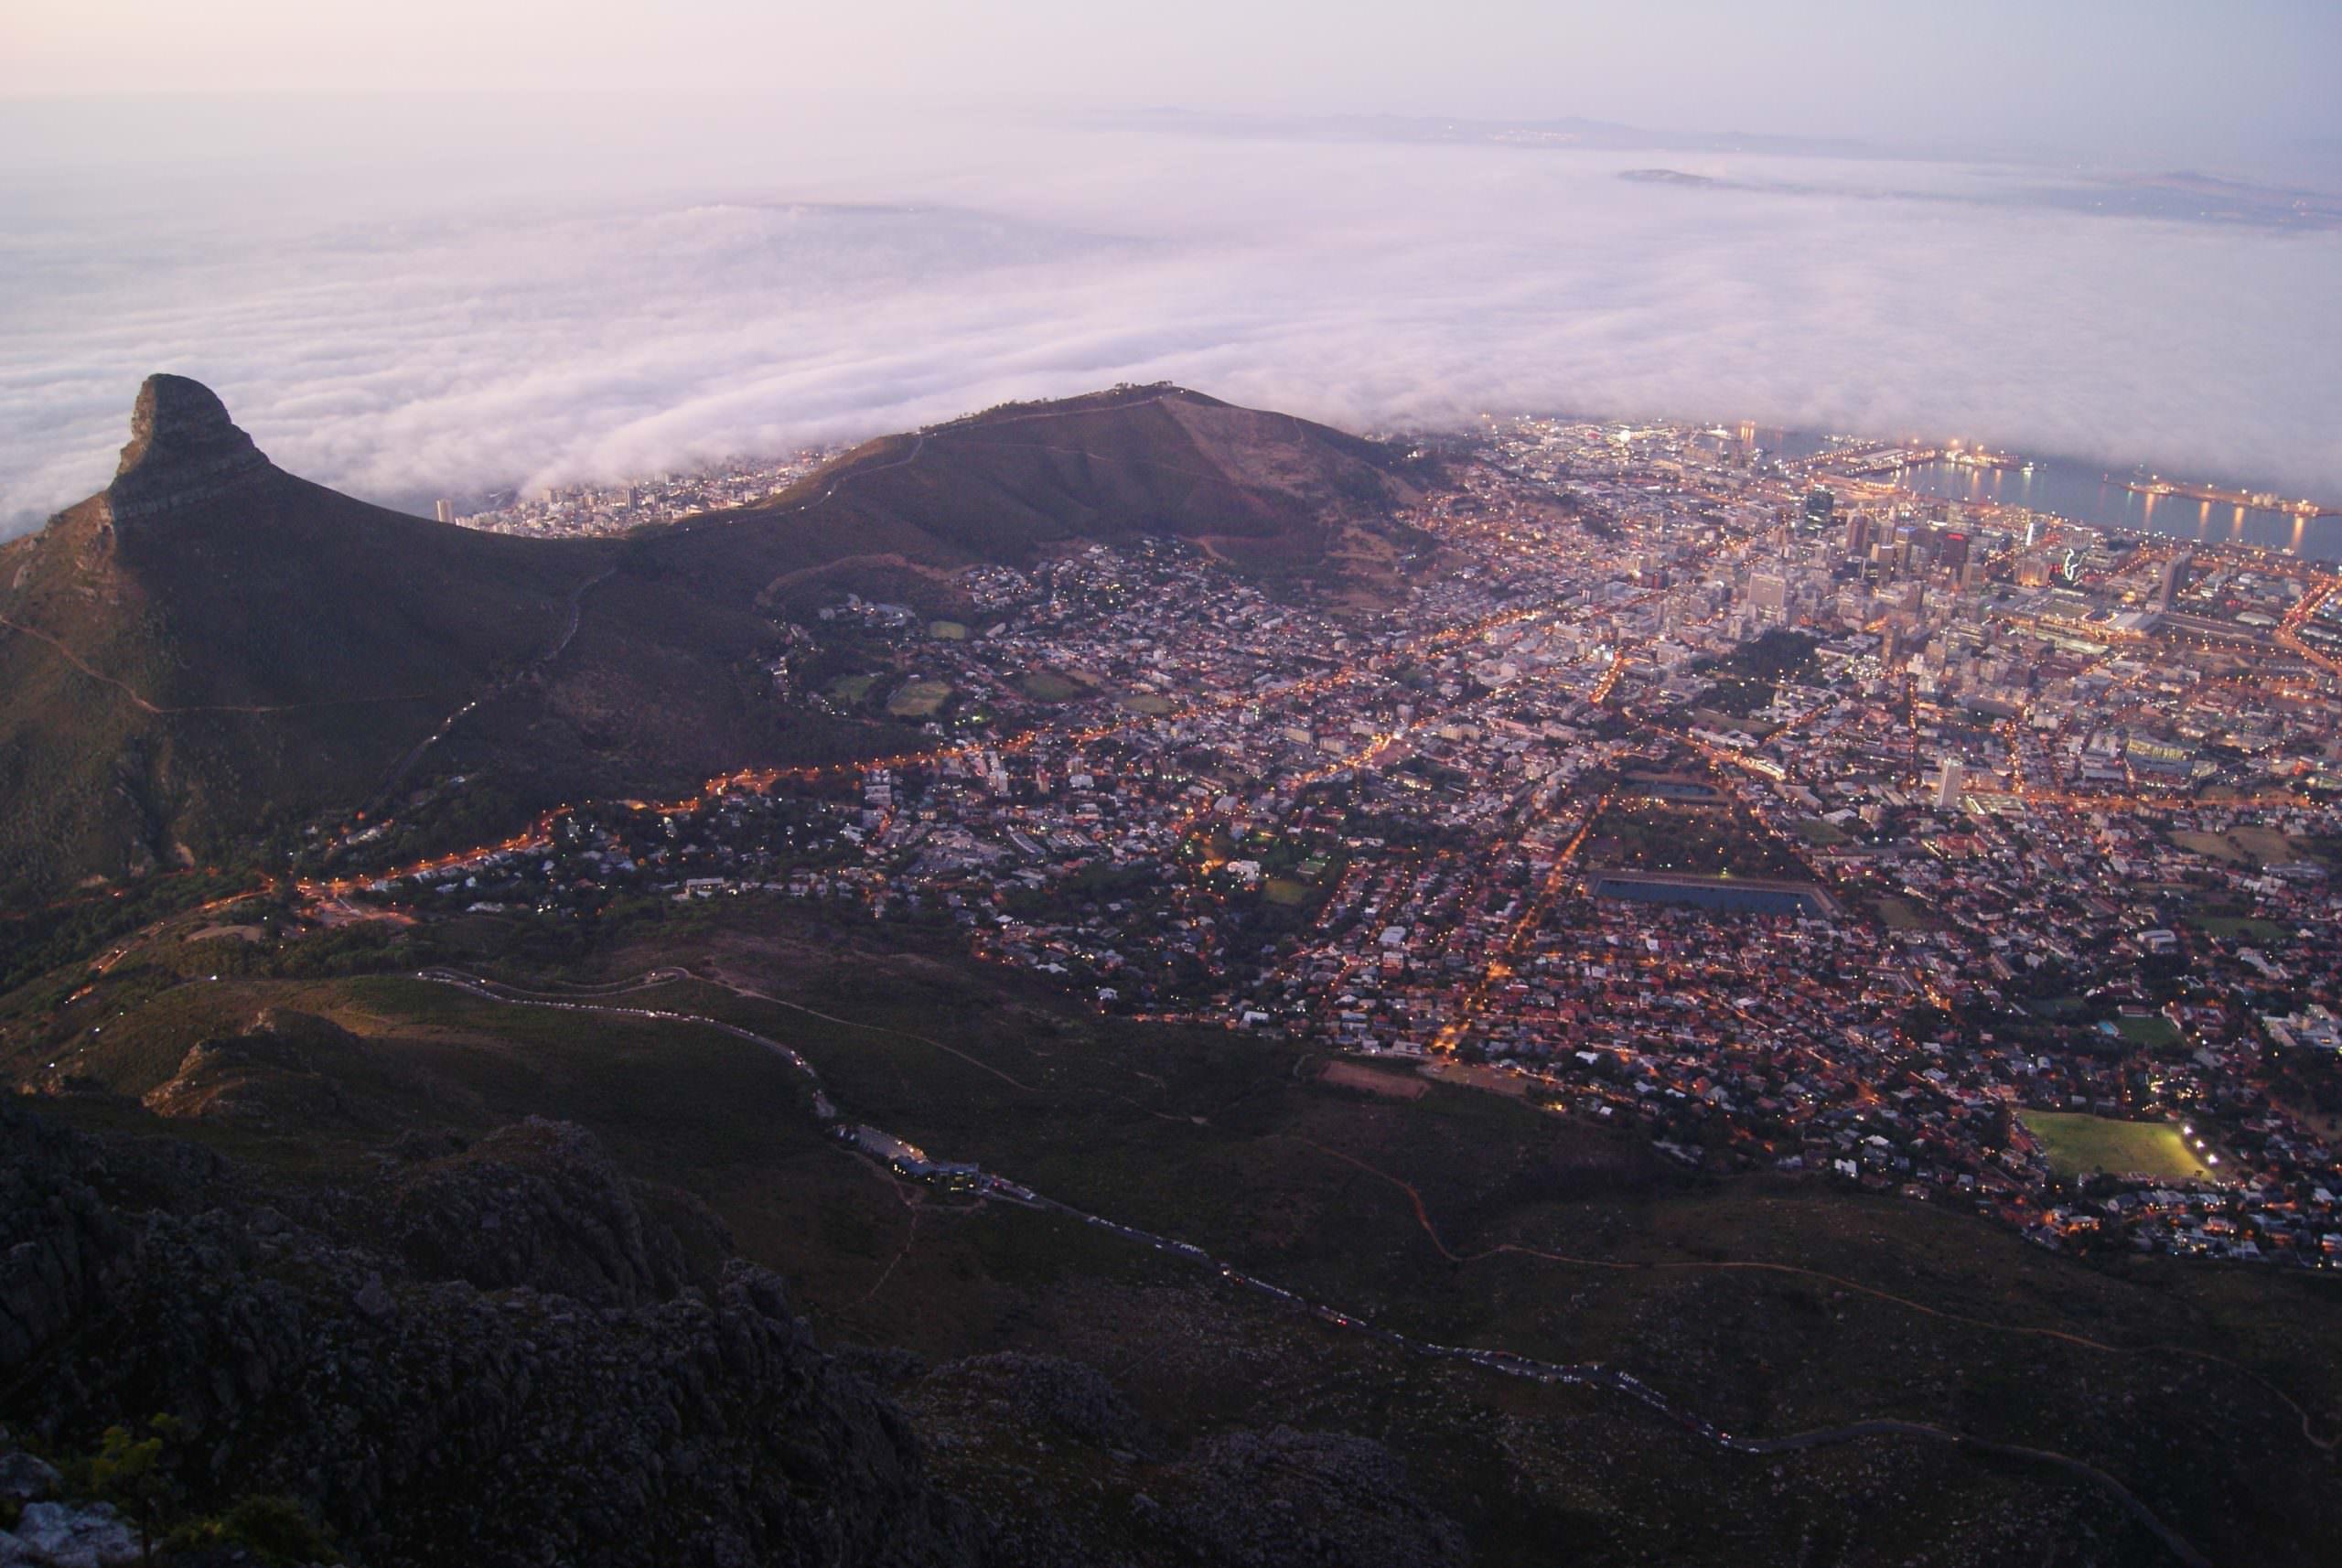 مدن ساحرة في جنوب إفريقيا لابد من زيارتها